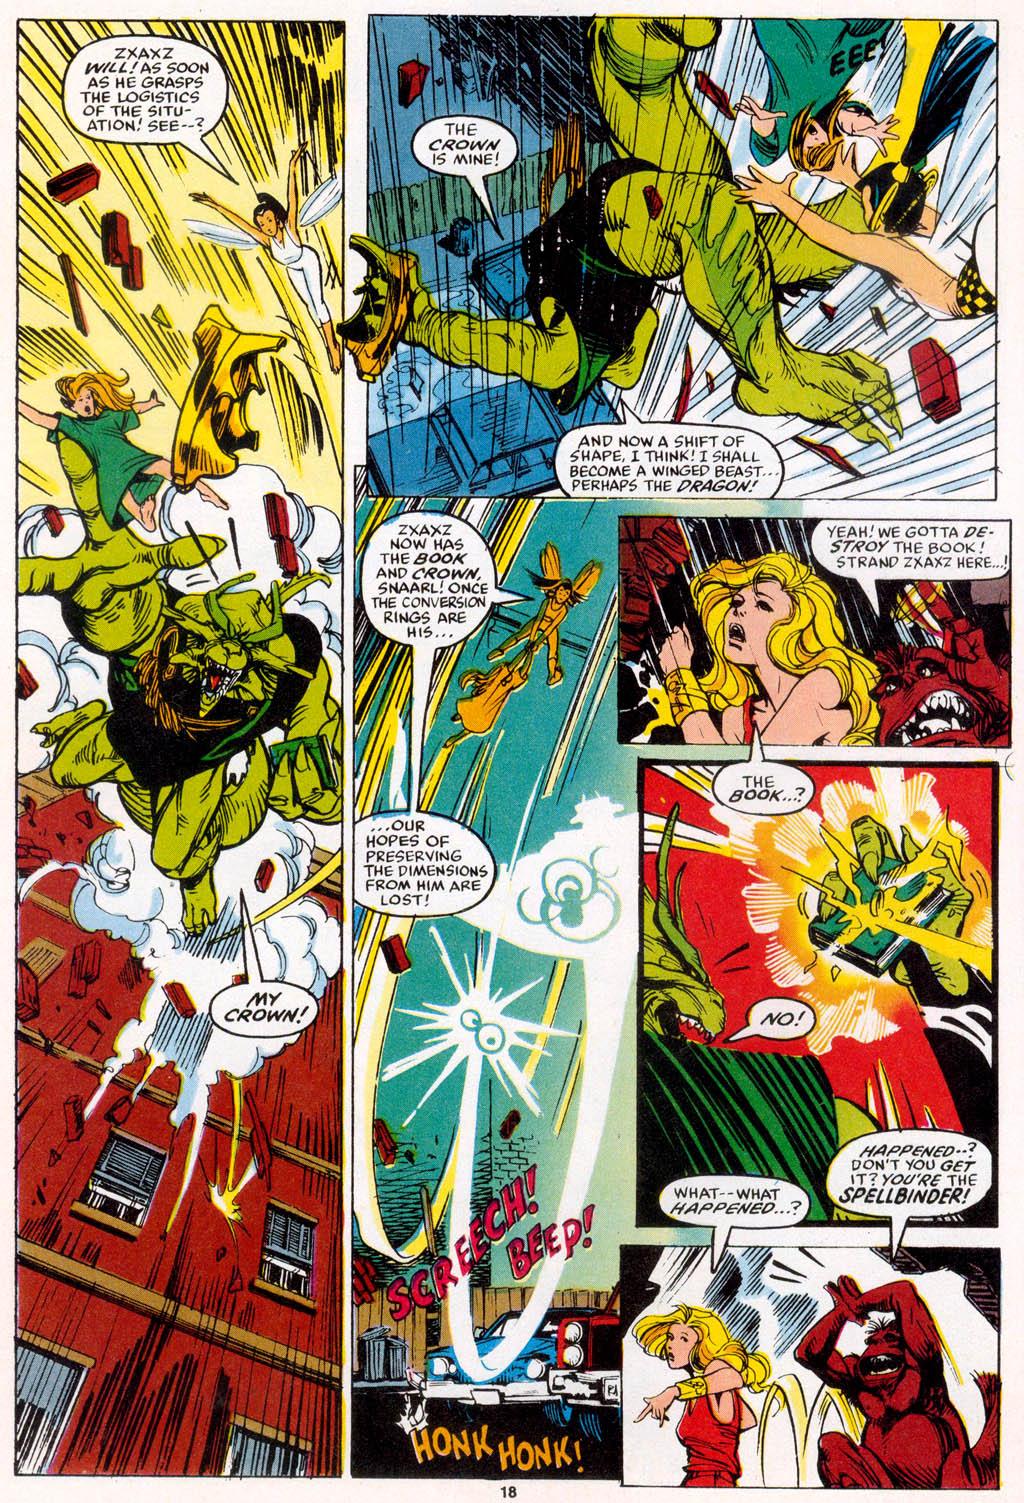 Spellbound (1988) issue 1 - Page 19